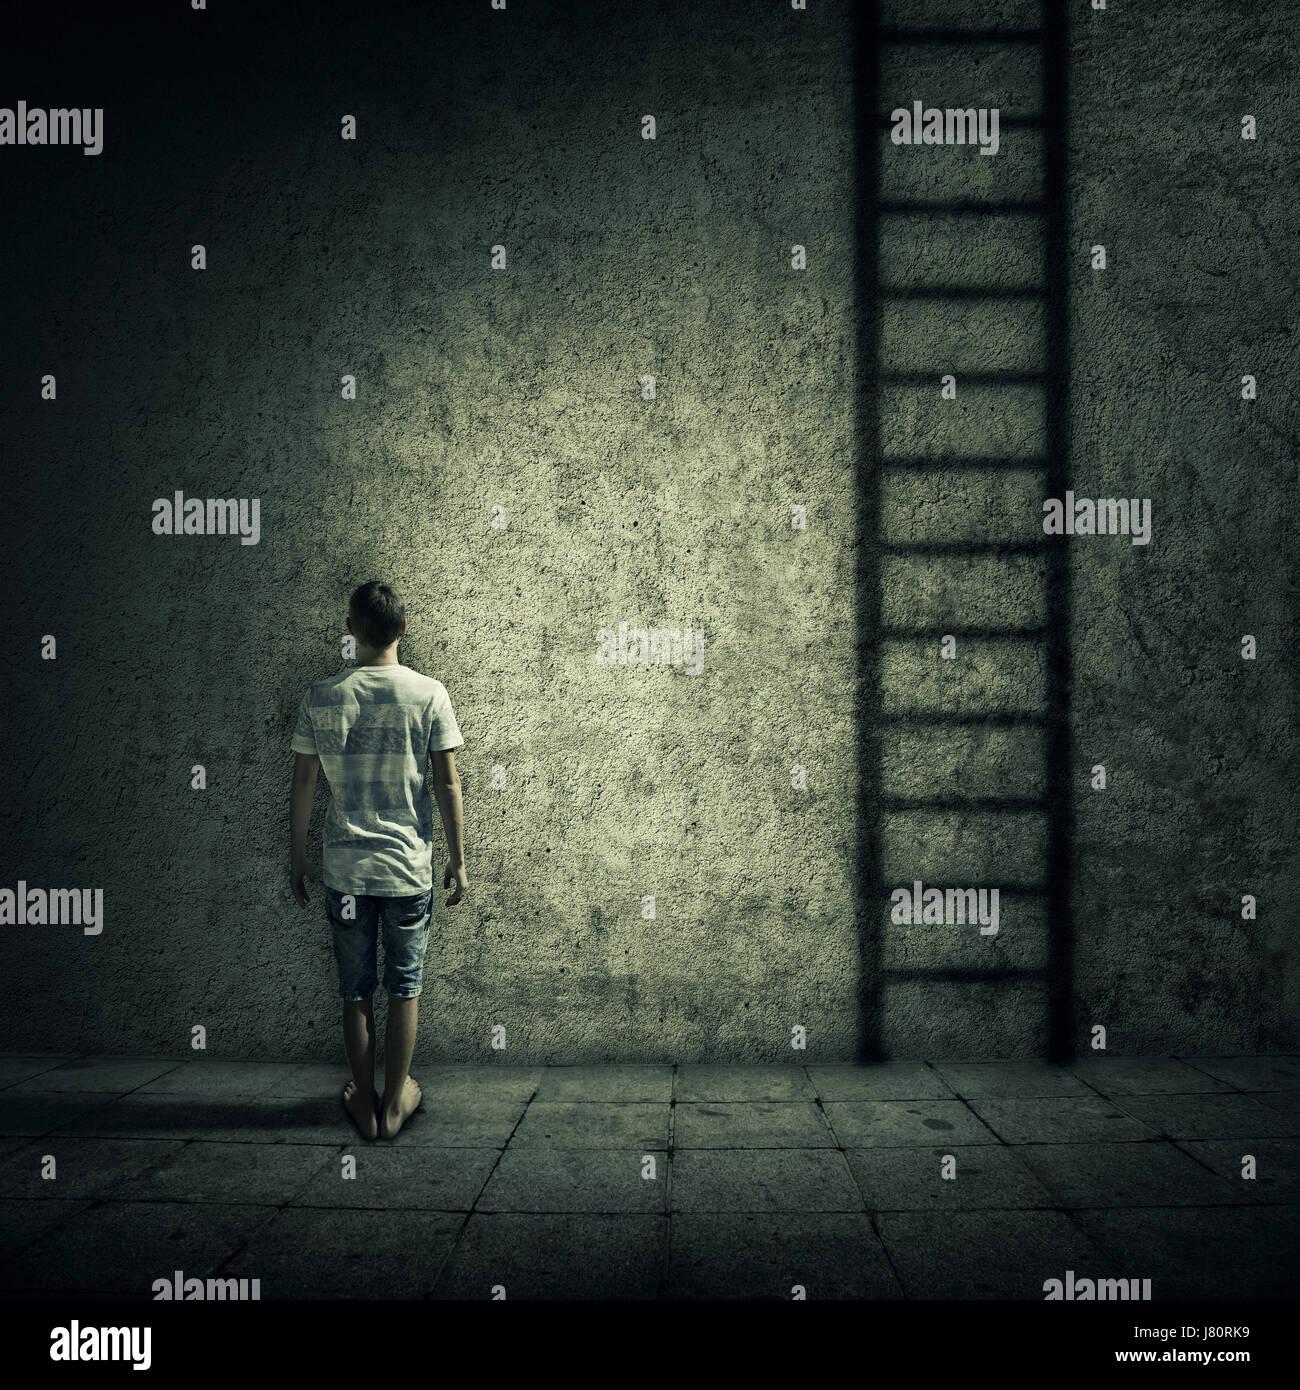 Abstrakte Idee mit einer Person stehen in einem dunklen Raum vor einer Betonwand, eine Leiter herauszufinden, zu Stockbild